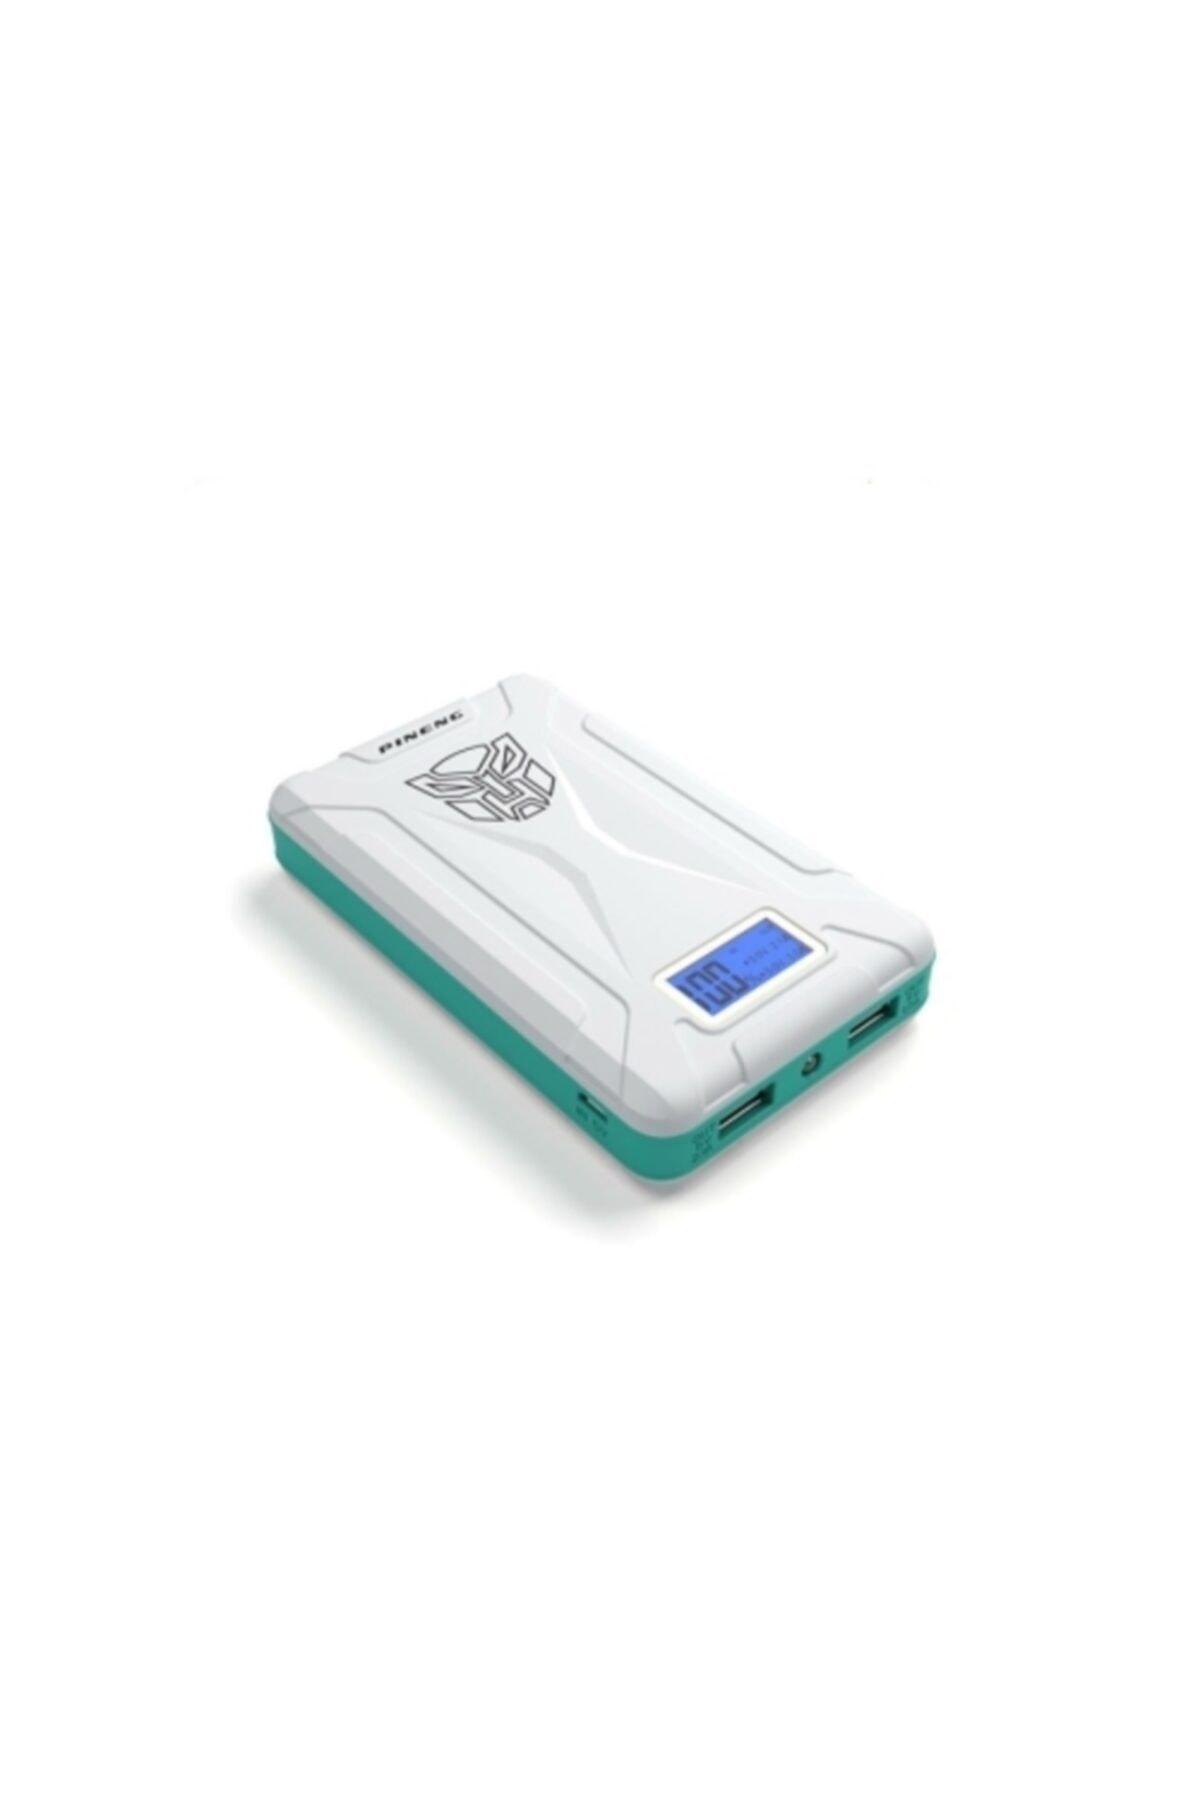 Pineng Pn-933 10000 Mah Powerbank Led Dijital Göstergeli Taşınabilir Şarj Cihazı - Beyaz 1